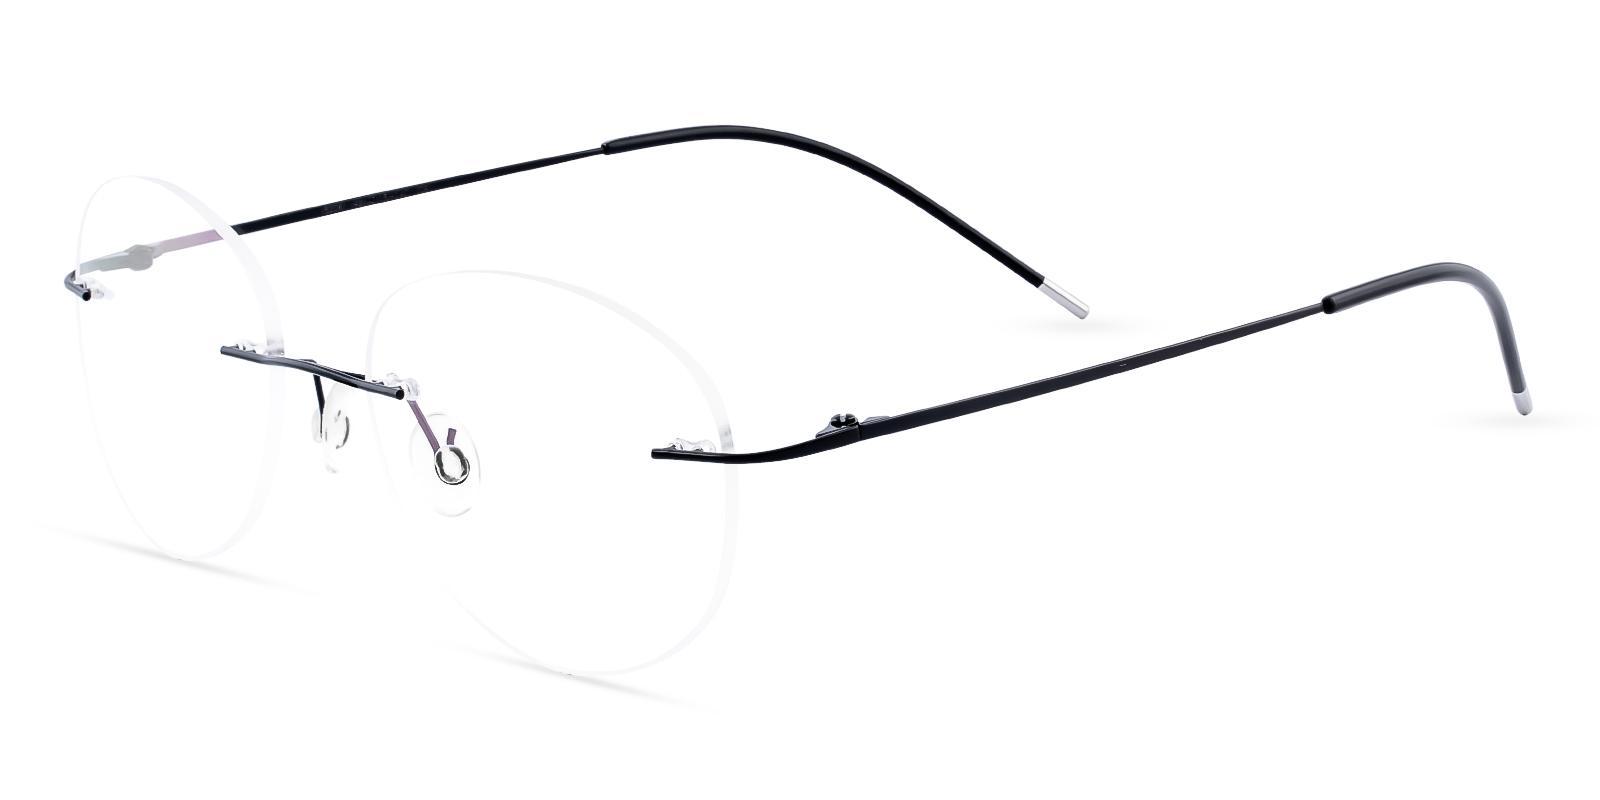 Eritrea Black Metal Eyeglasses , NosePads Frames from ABBE Glasses